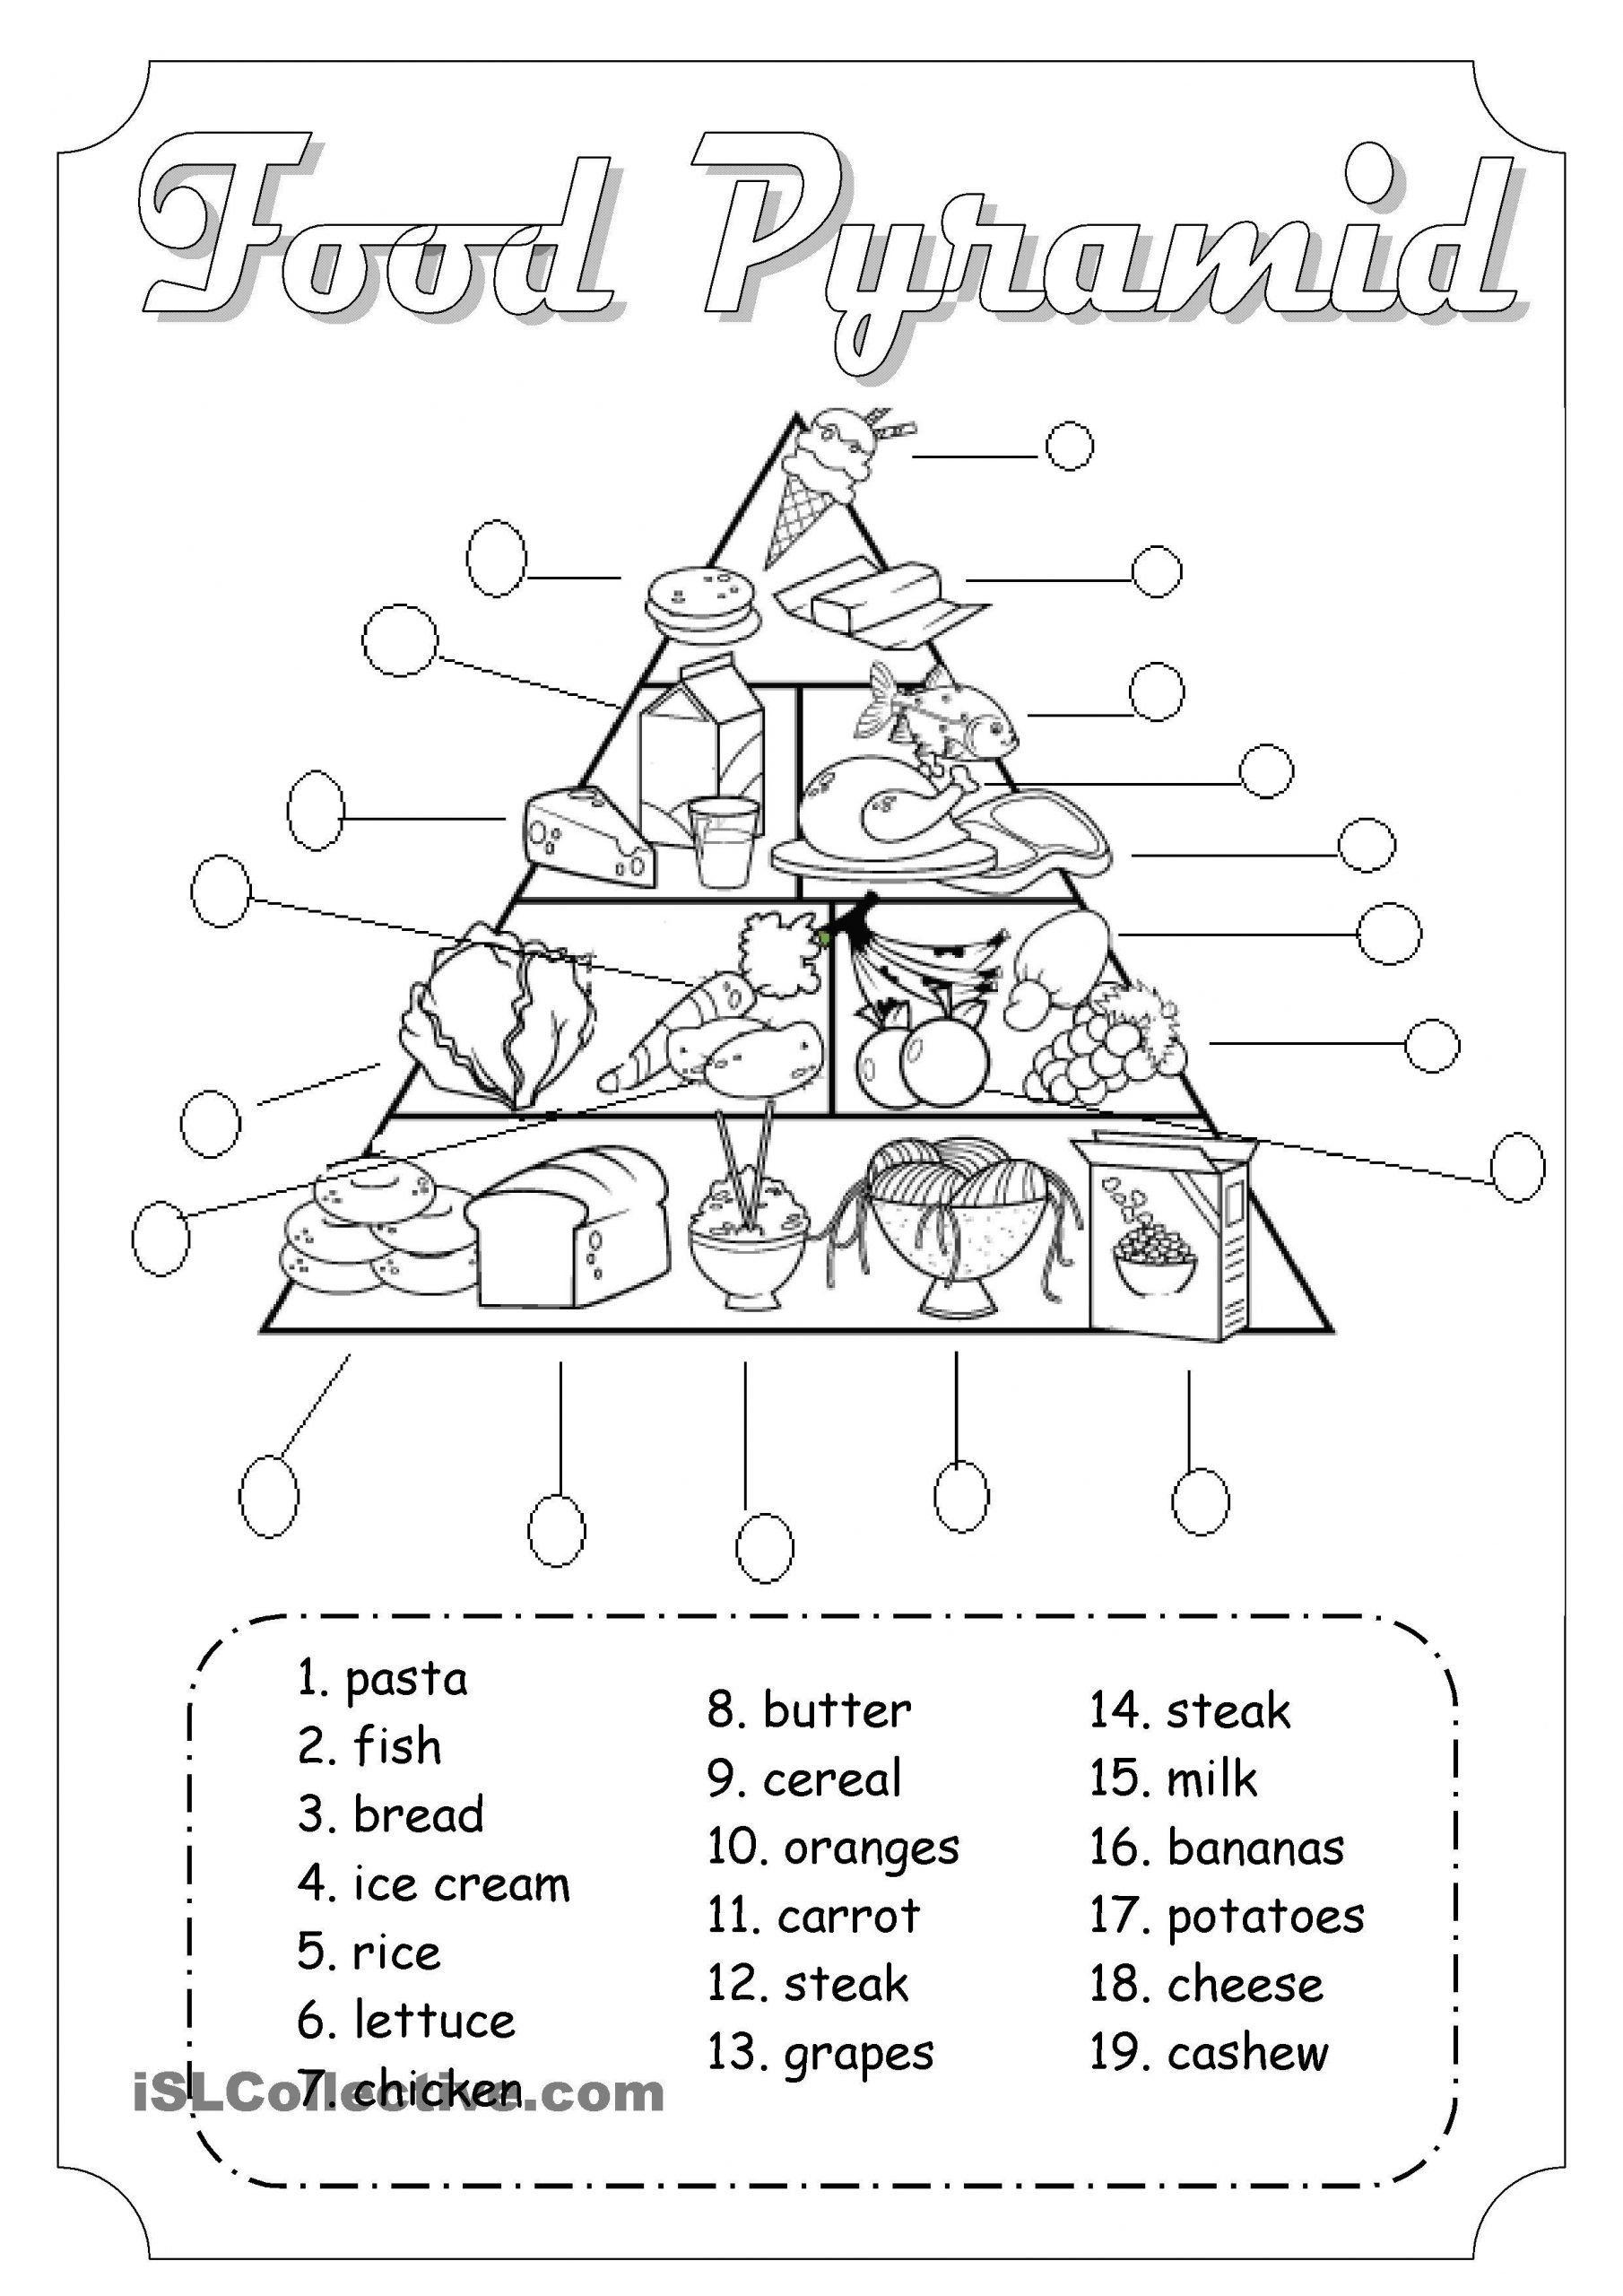 Energy Pyramid Worksheet Answers Ecology Pyramid Worksheet